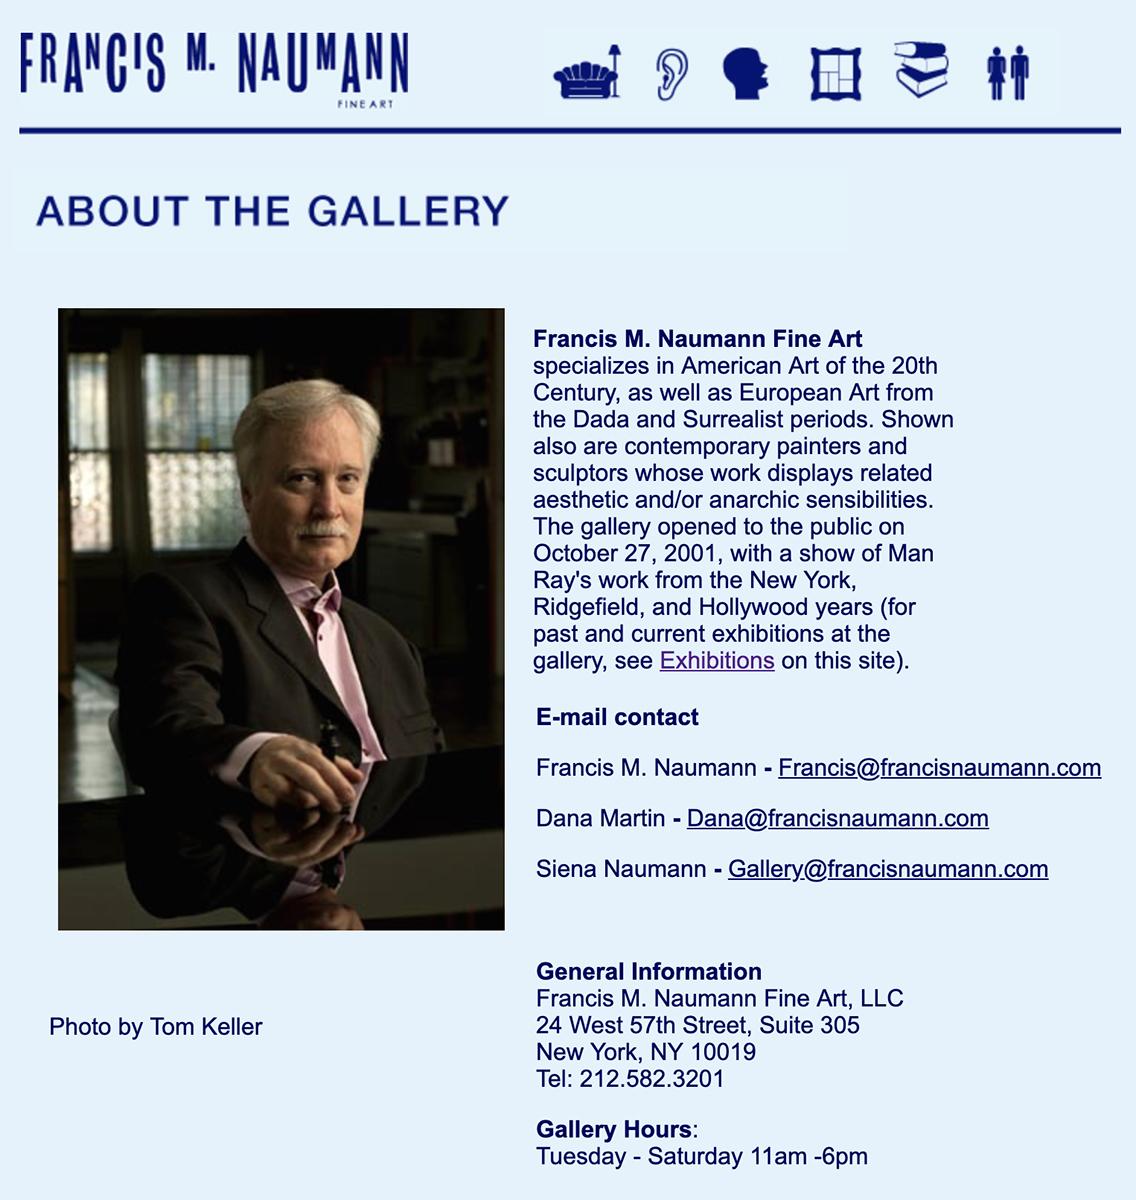 Francis M Naumann Fine Art